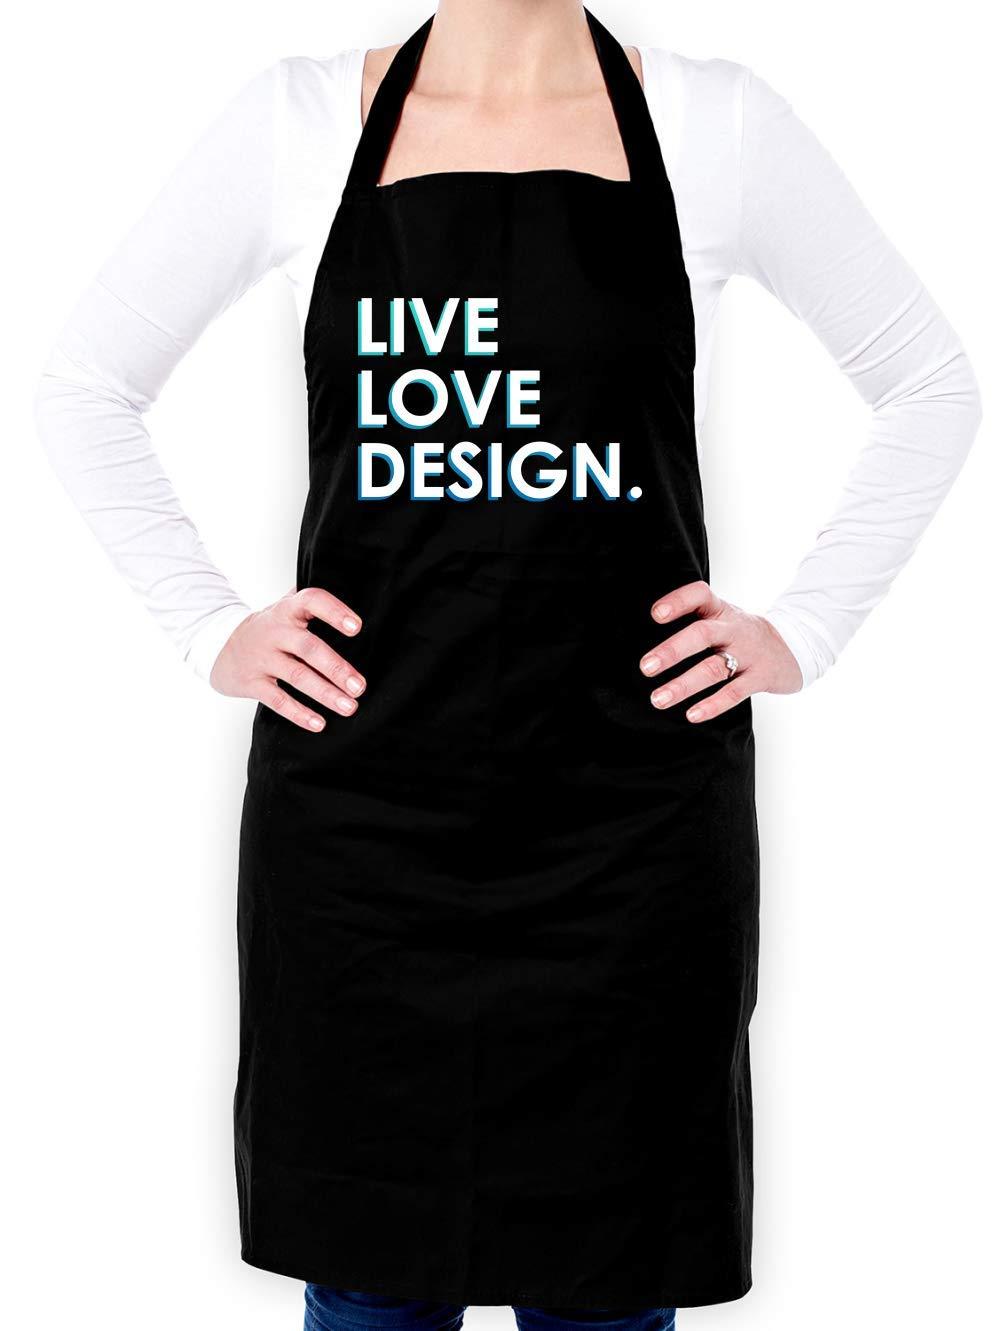 Dressdown Live Love Design - Unisex Adult Apron - Black - One Size